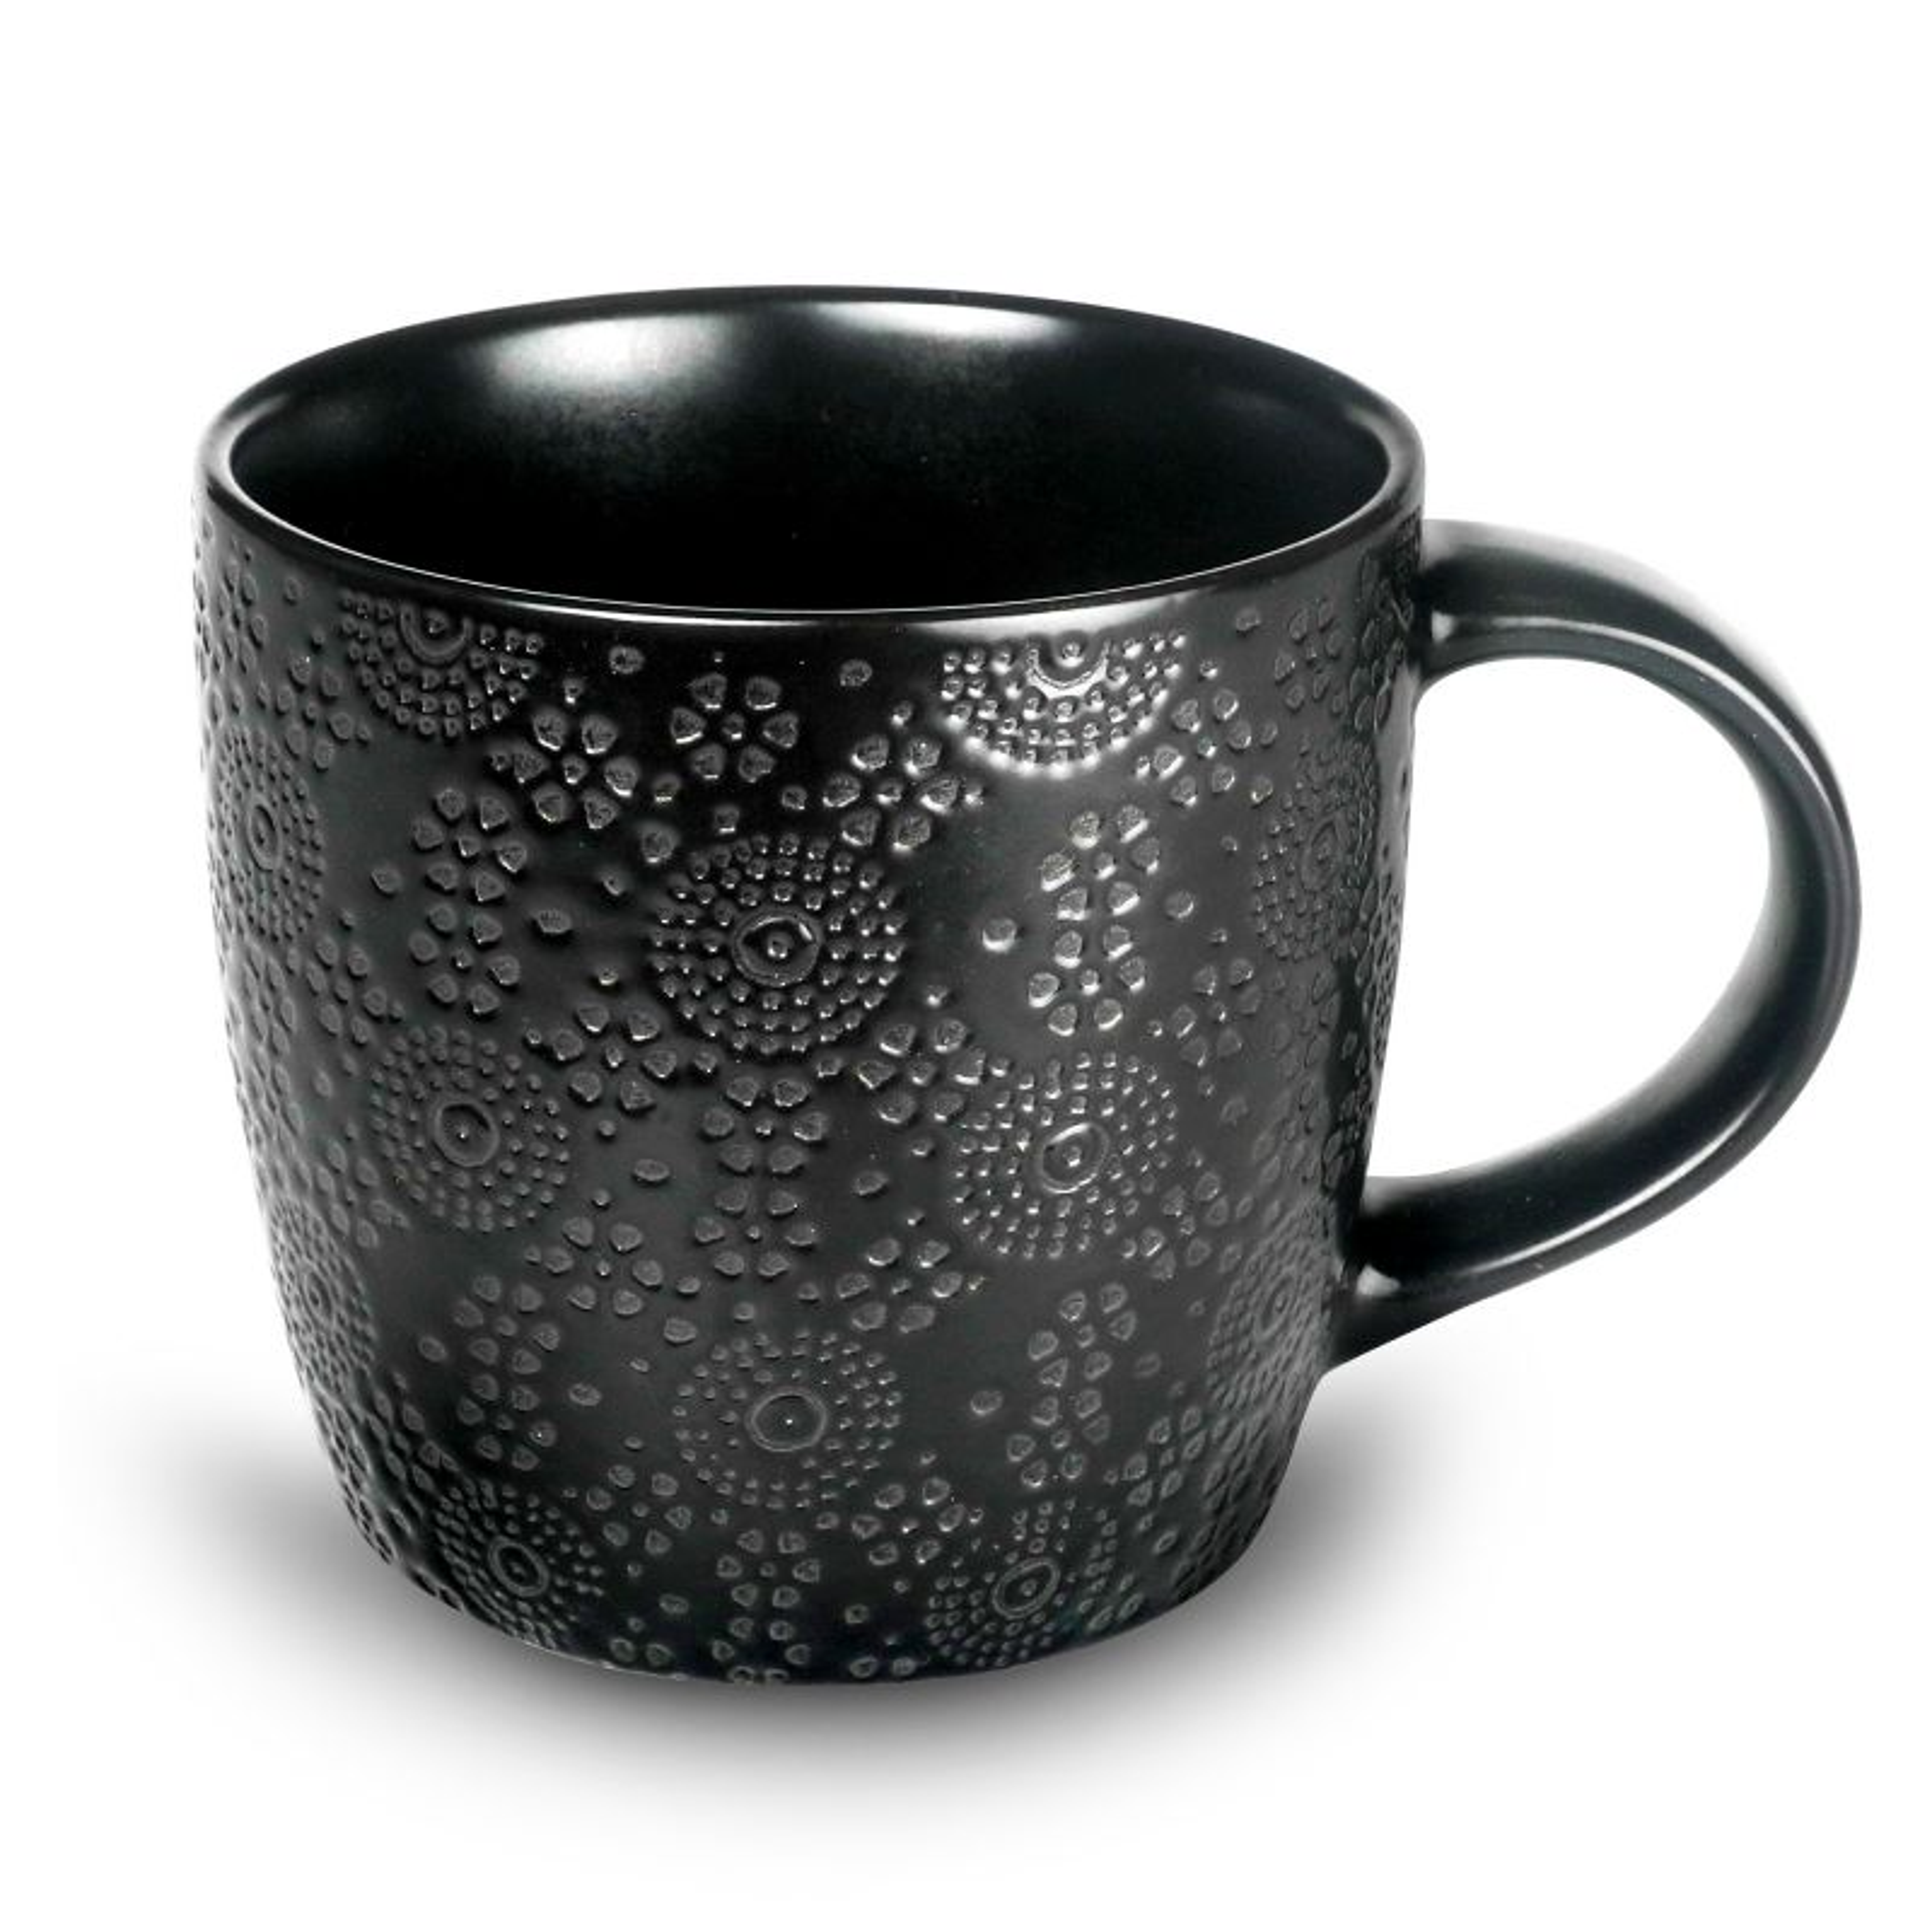 Tasses à café & thé - Lot de 6